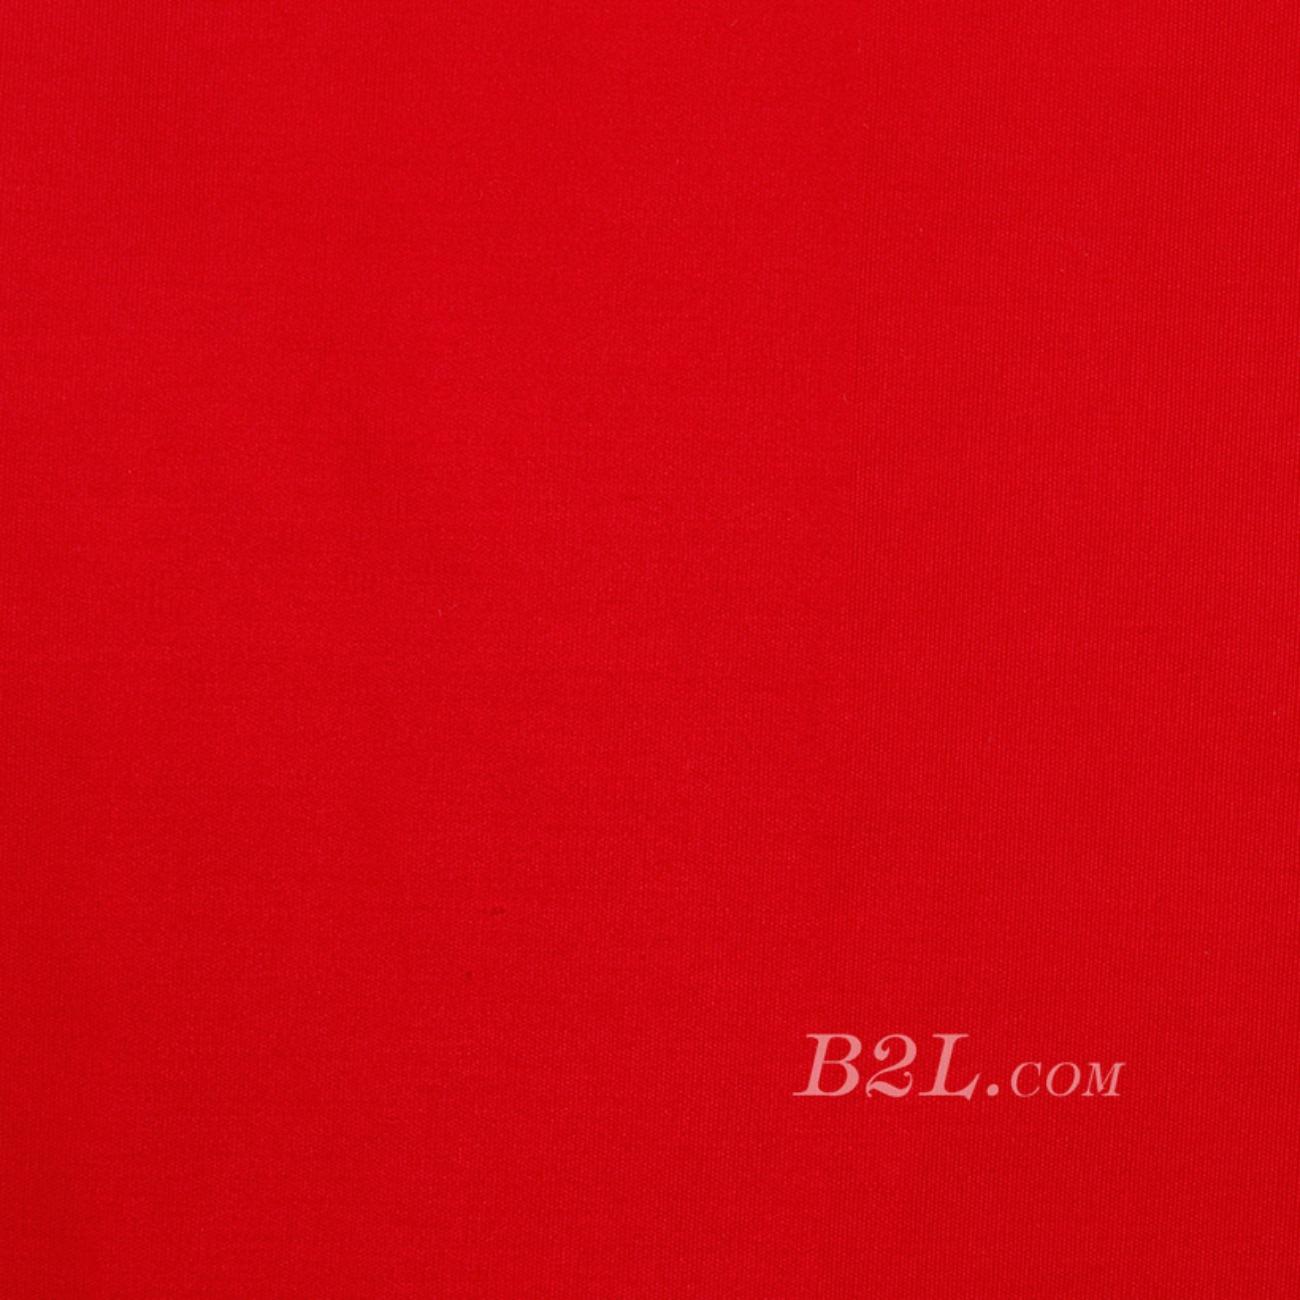 现货 平纹素色喷水梭织染色工装制服保安服装面料 工作服 TC涤棉 抗皱 现货 70911-8